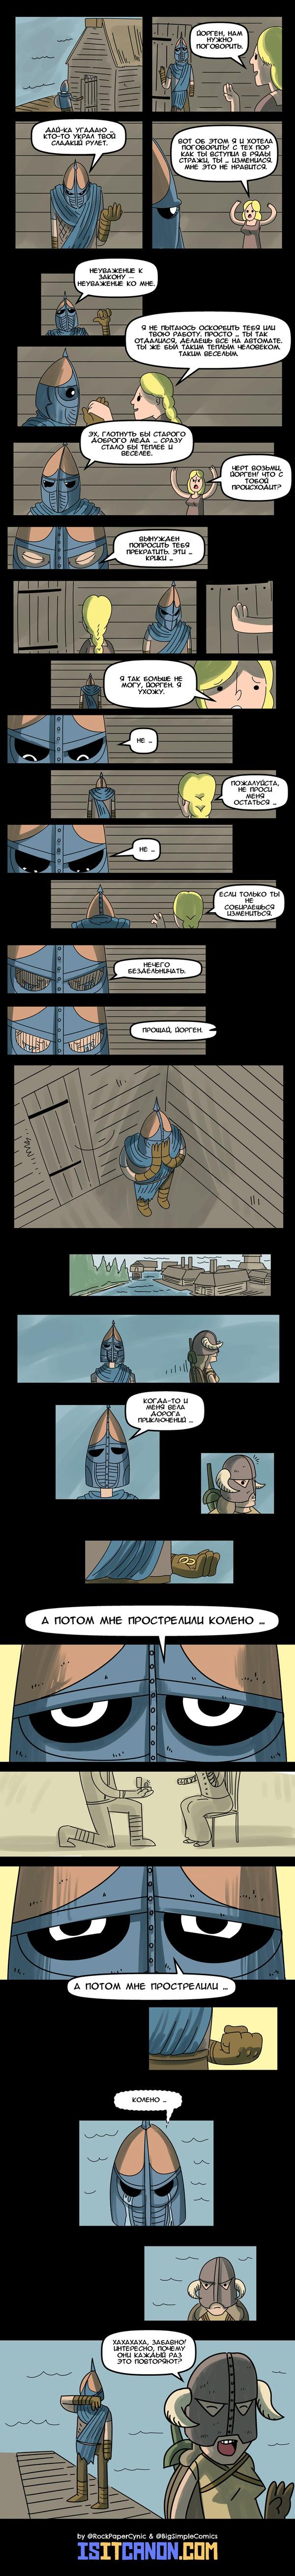 Коленное (The Elder Scrolls) Колено, Стражник, Довакин, Skyrim, The Elder Scrolls V: Skyrim, Длиннопост, Комиксы